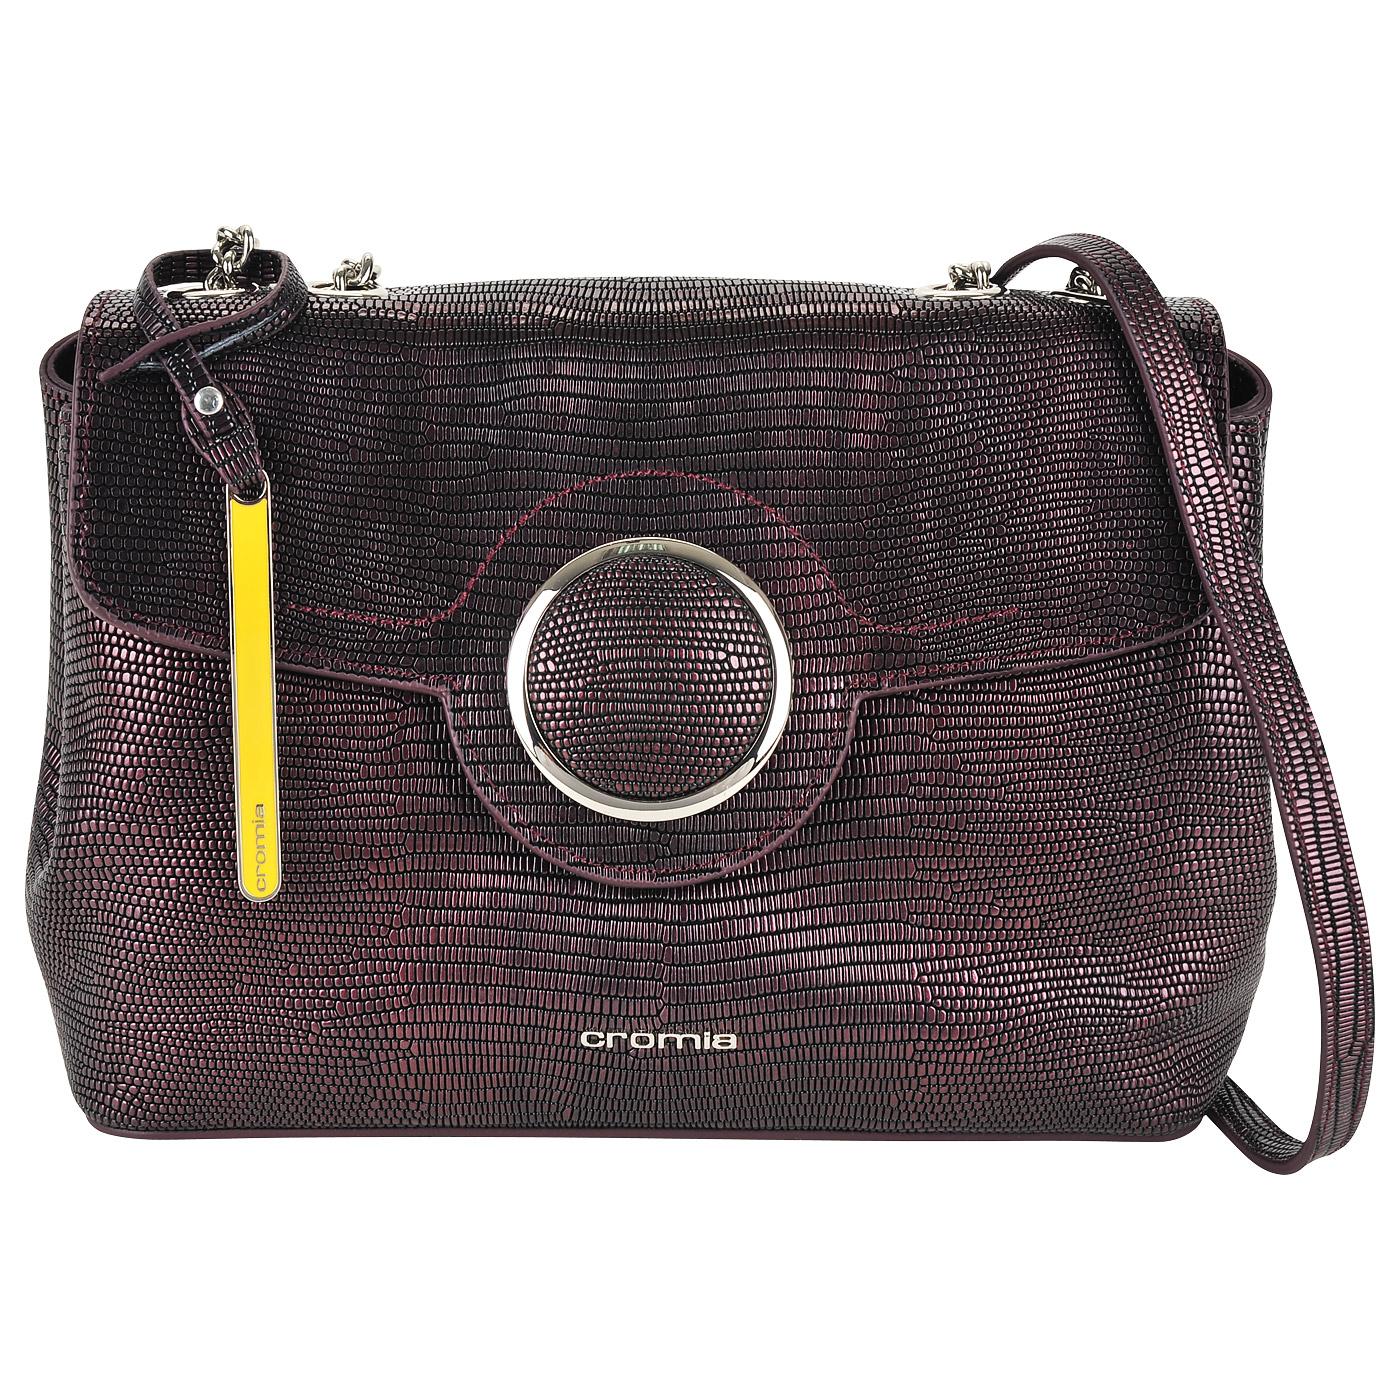 09f9b214471e Женская кожаная сумка кросс-боди с выделкой под рептилию Cromia Nocturne ...